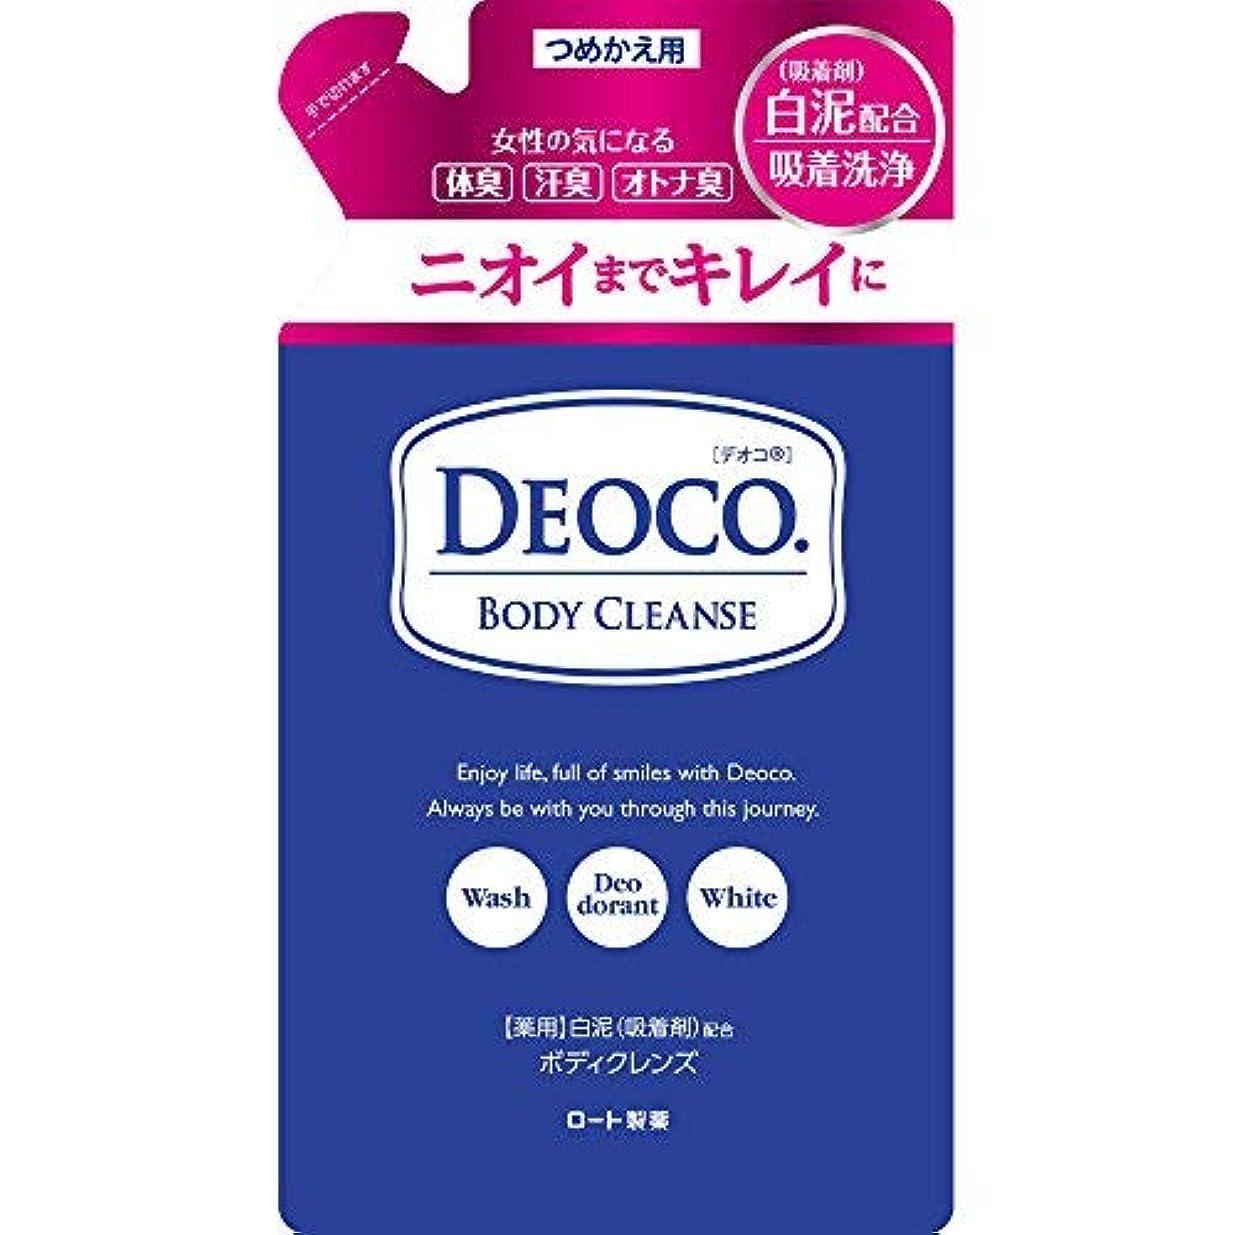 理論永遠にに向かってロート製薬 デオコ DEOCO 薬用 ボディクレンズ 詰め替え 250ml × 5個セット